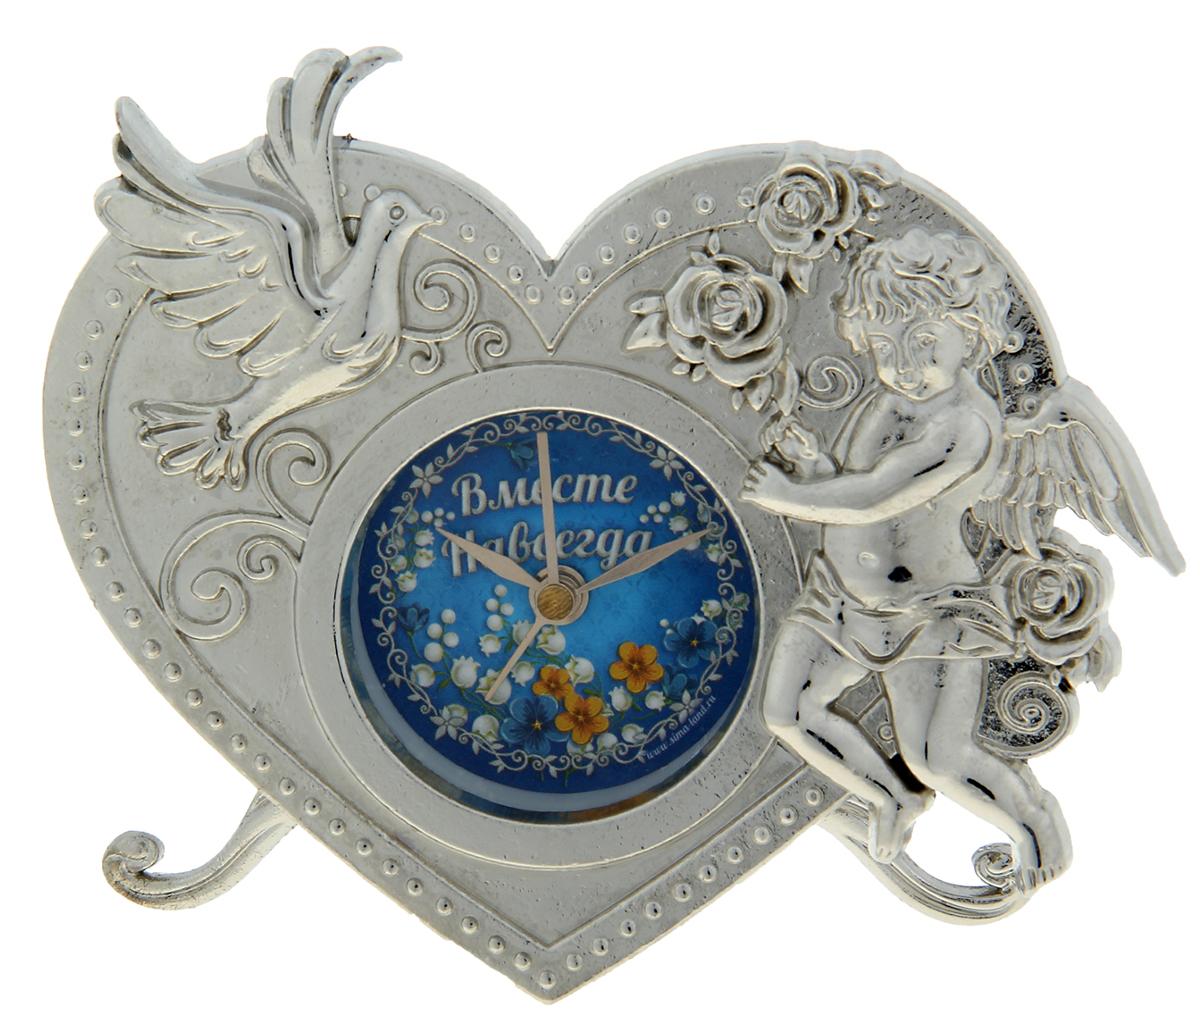 Часы Вместе навсегда, 11 х 9 см. 906873906873Часы Вместе навсегда - это олицетворение неповторимой грации в декоративном элементе интерьера. Они придутся по душе натурам романтичным и нежным, предпочитающим необычные детали в оформлении дома. Символы любви – голубь и Купидон – придают изделию неповторимый шарм. Часы выполнены из металла c ярким циферблатом, располагаясь на прочных ножках, и работают от батареек LR44 (не входят в комплект). Кроме того, они включают функцию будильника, что делает их не только красивыми, но и полезными. Теперь вы ни за что не проспите важное событие и будете встречать каждый новый день с улыбкой!